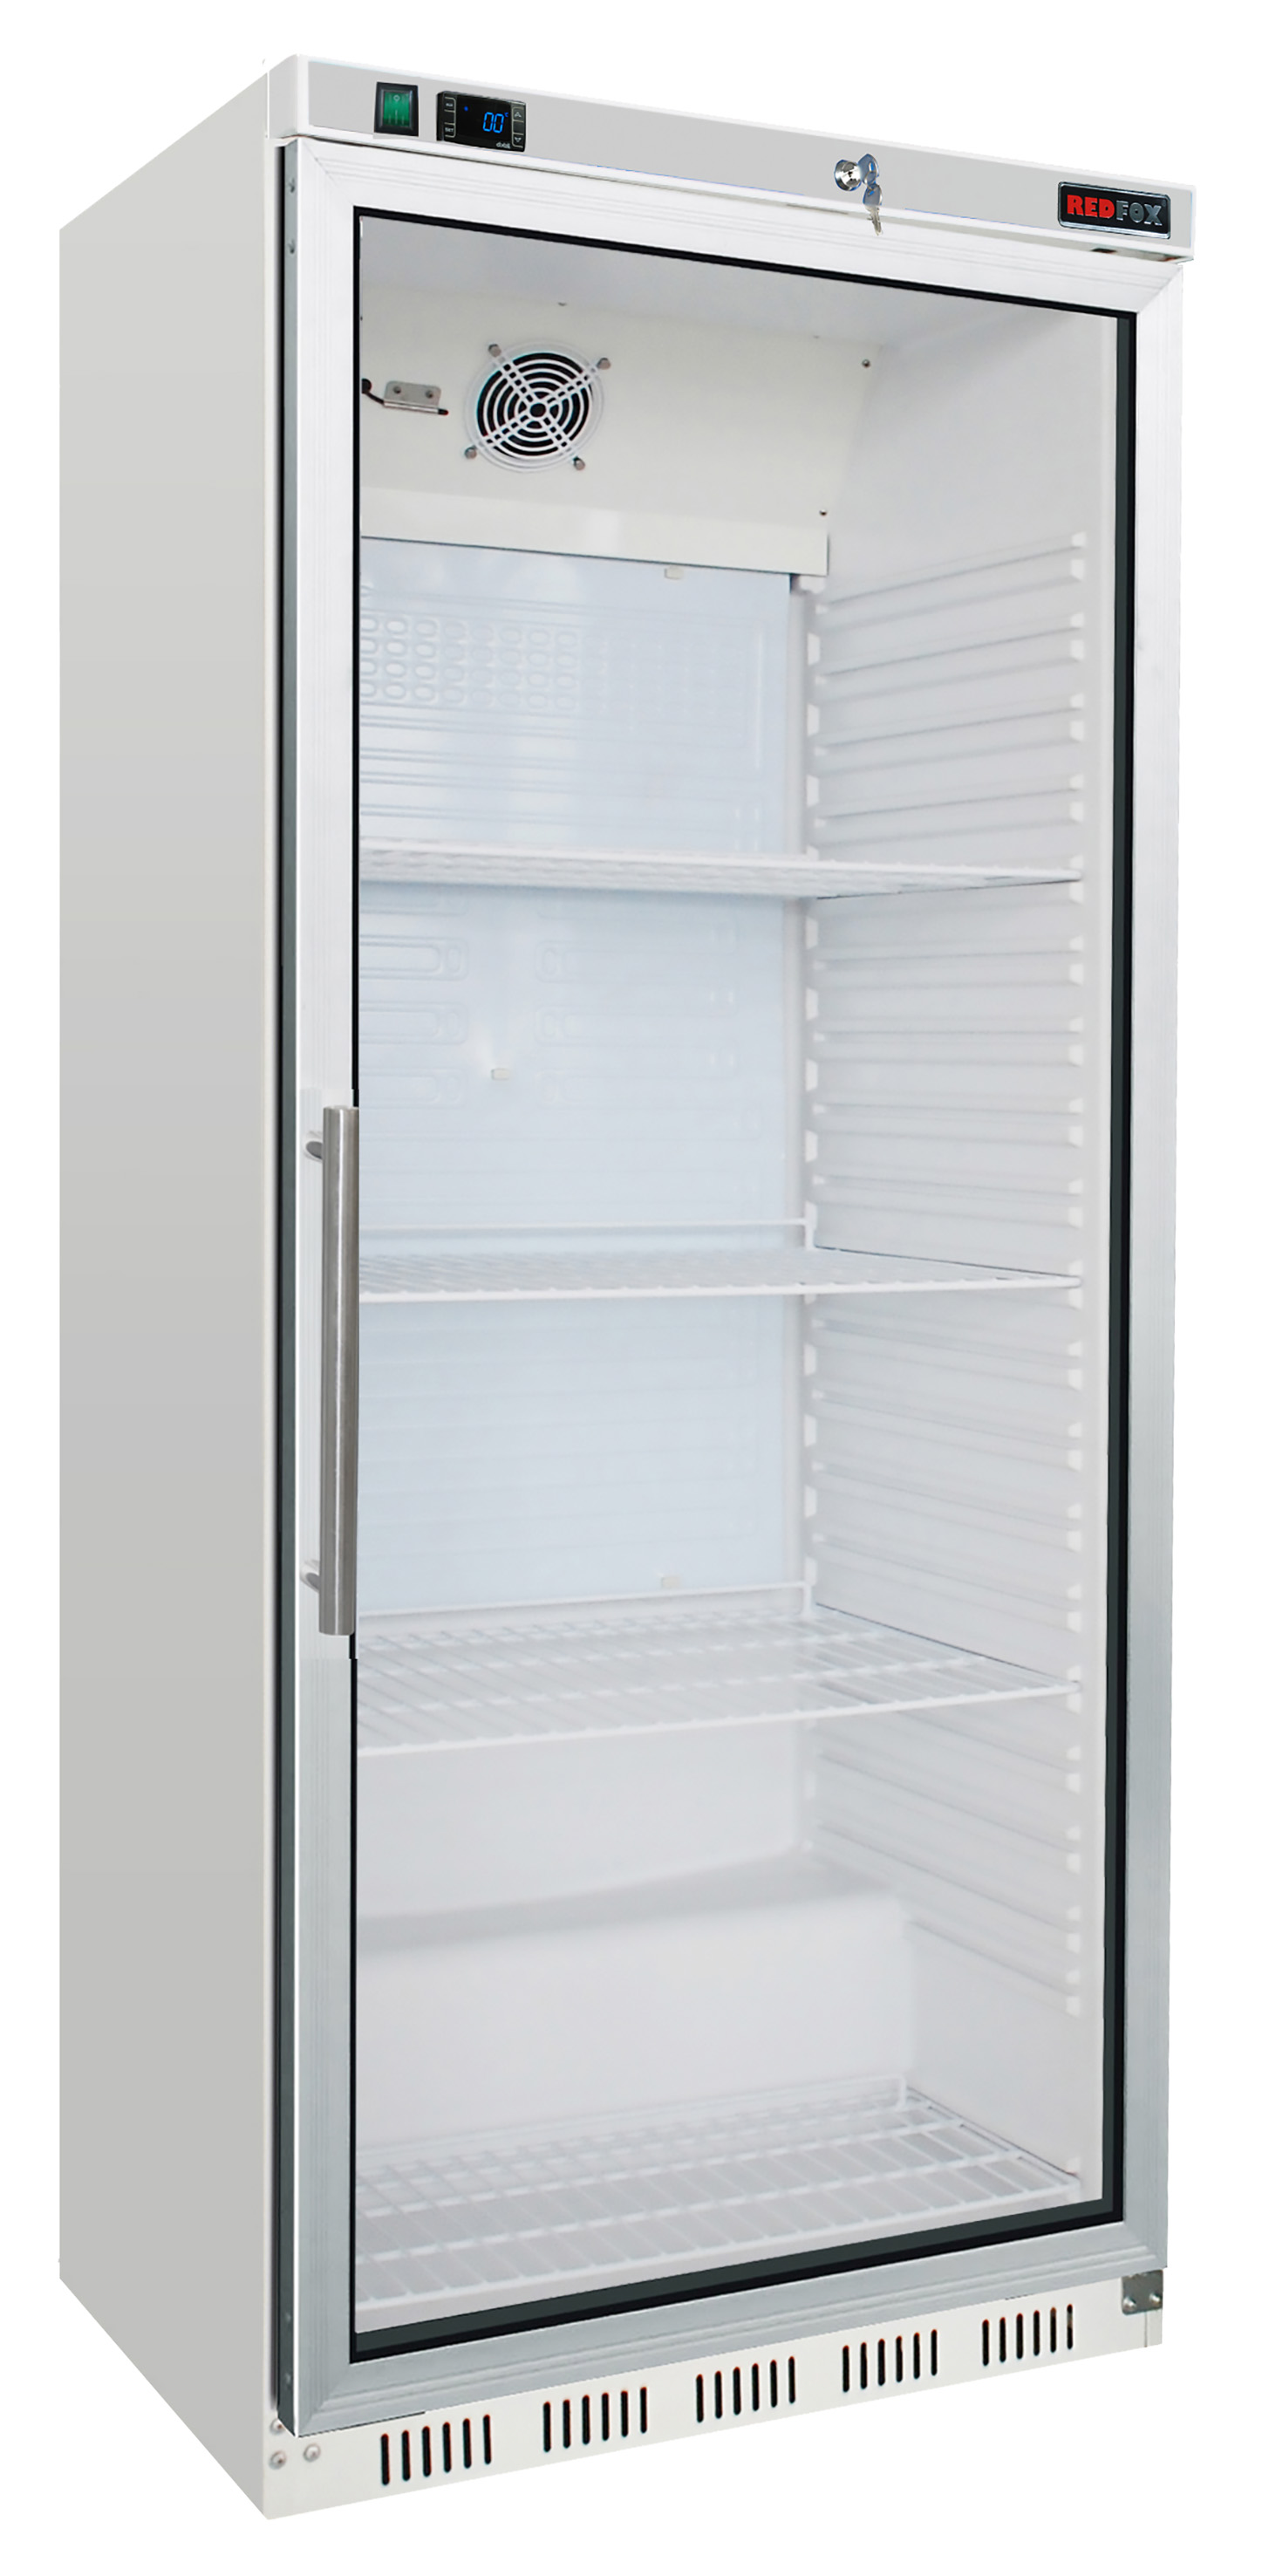 Skříň chladící HR 600/G lednice bílá prosklené dveře REDFOX